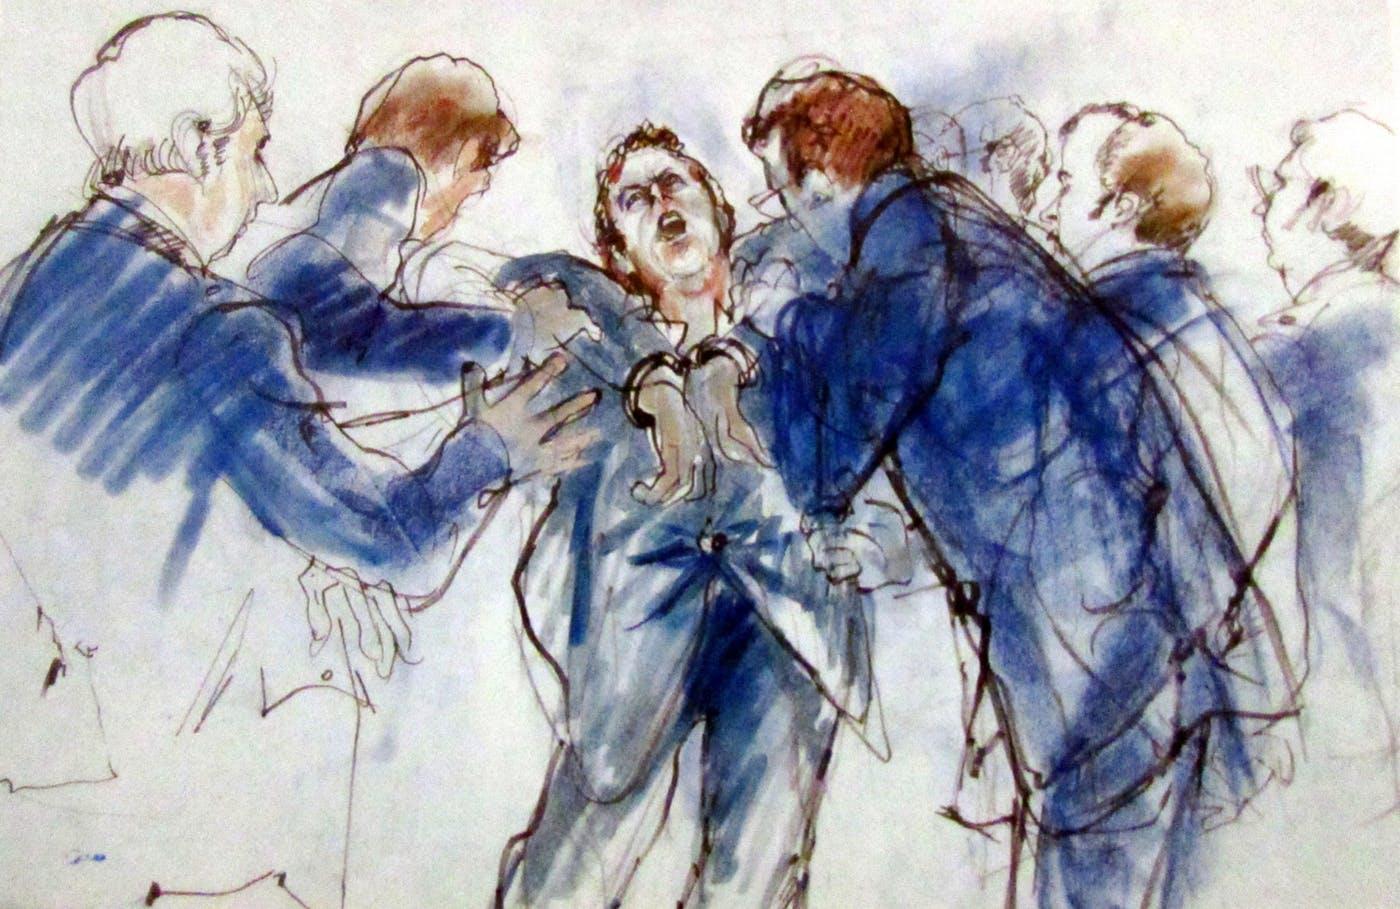 Οι serial killers στην Ελλάδα. Πότε έδρασαν, πως συνελήφθησαν και σε τι ποινή καταδικάστηκαν